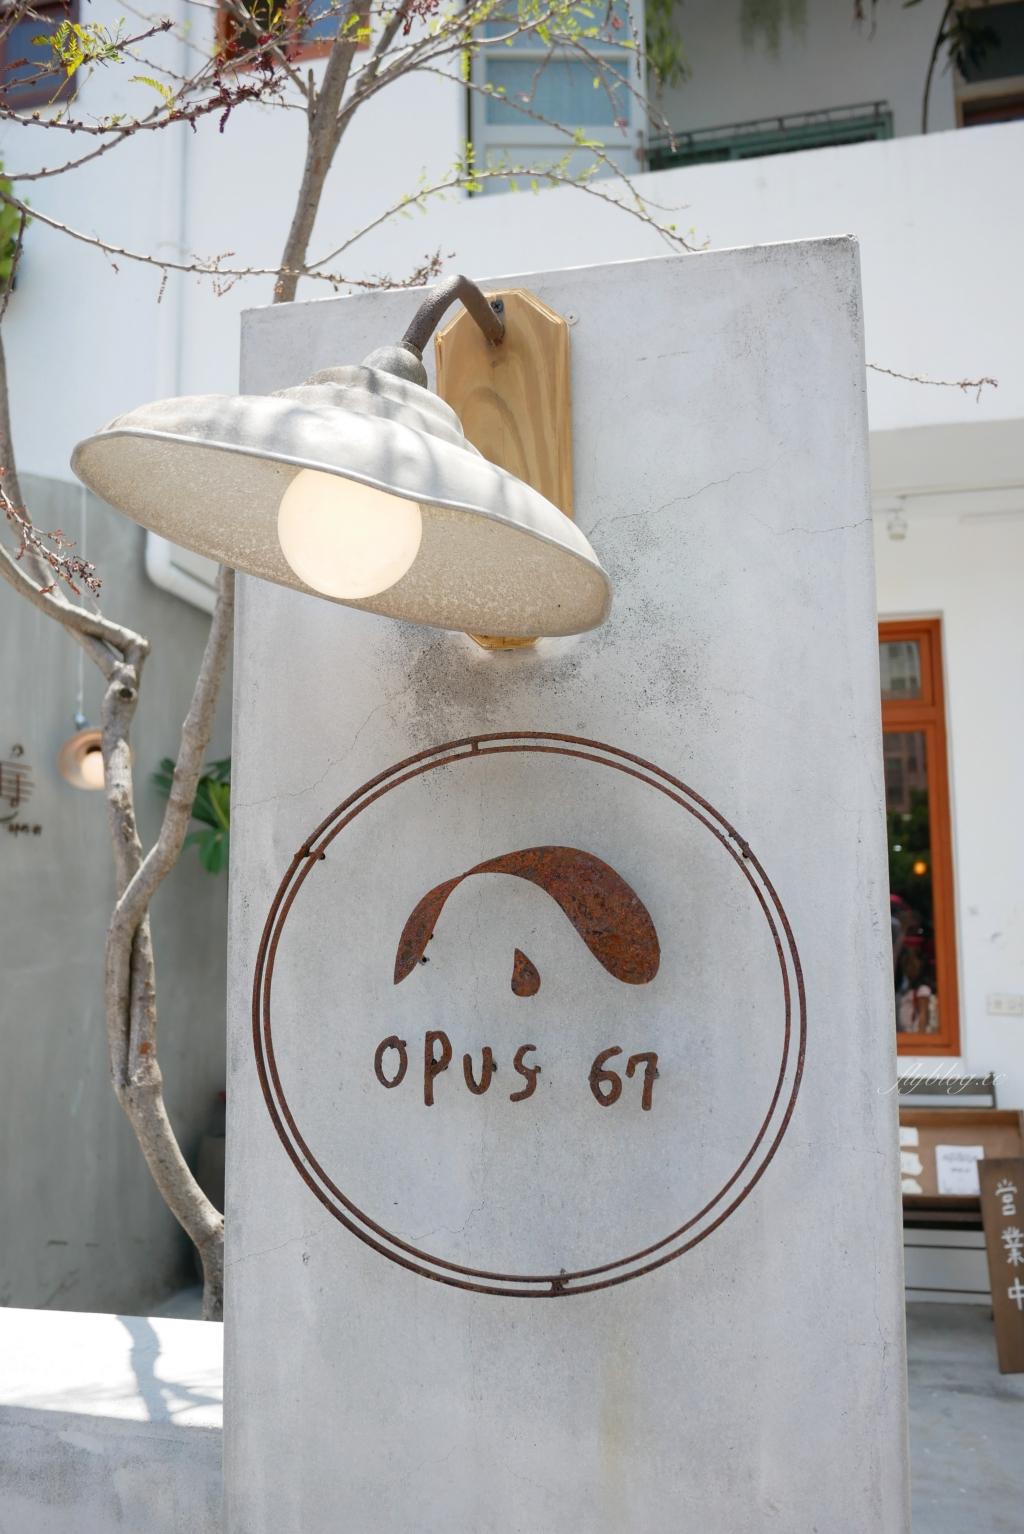 【台中北區】 Opus 67:序曲早午餐新品牌,老宅輕食悠閒空間 @飛天璇的口袋